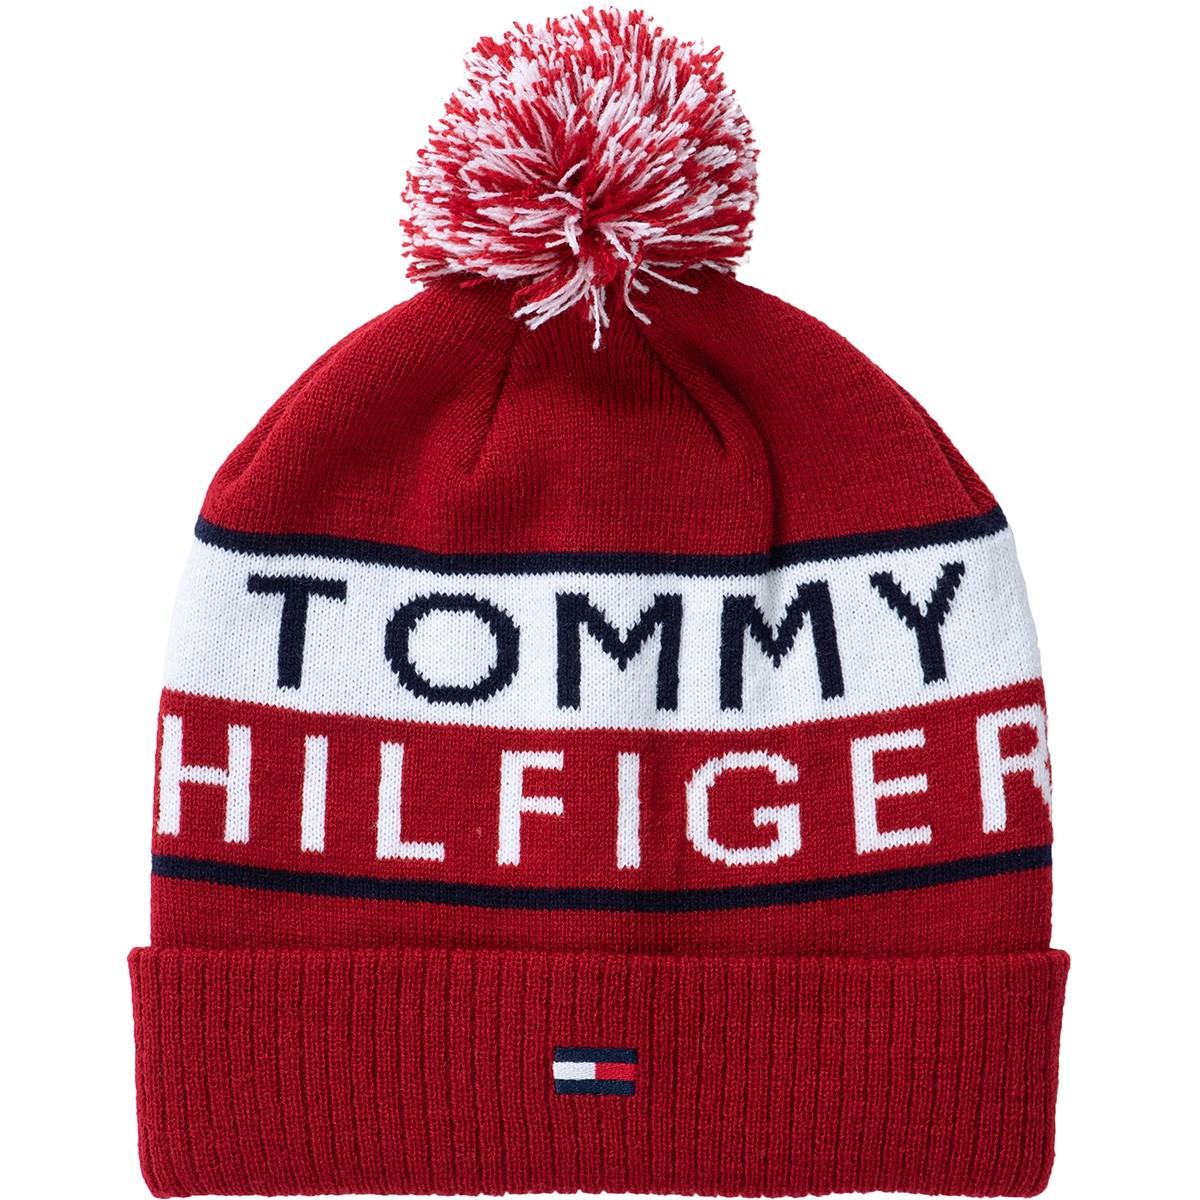 トミー ヒルフィガー ゴルフ TOMMY HILFIGER GOLF ビーニー フリー レッド 40 レディス